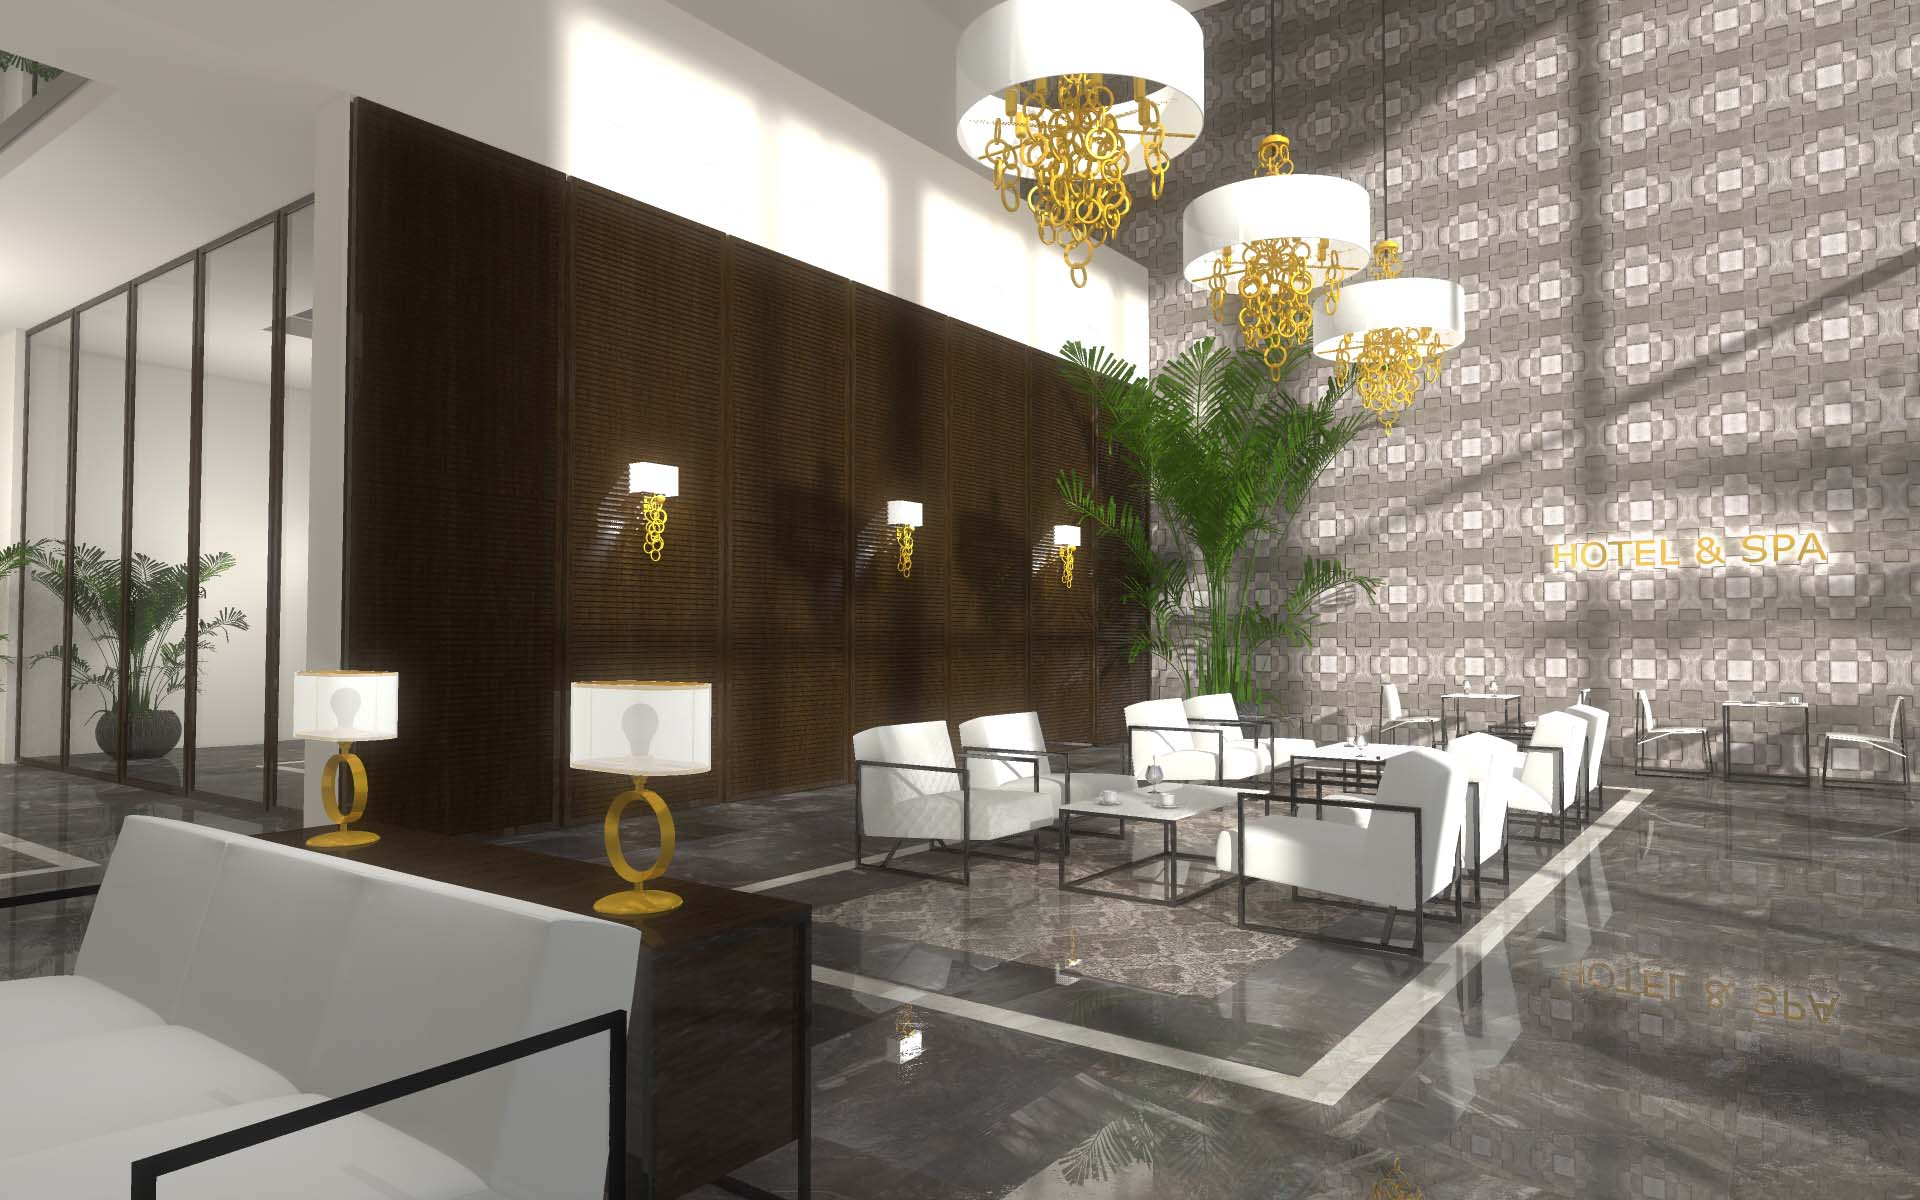 Projektowanie wnętrz hotelu